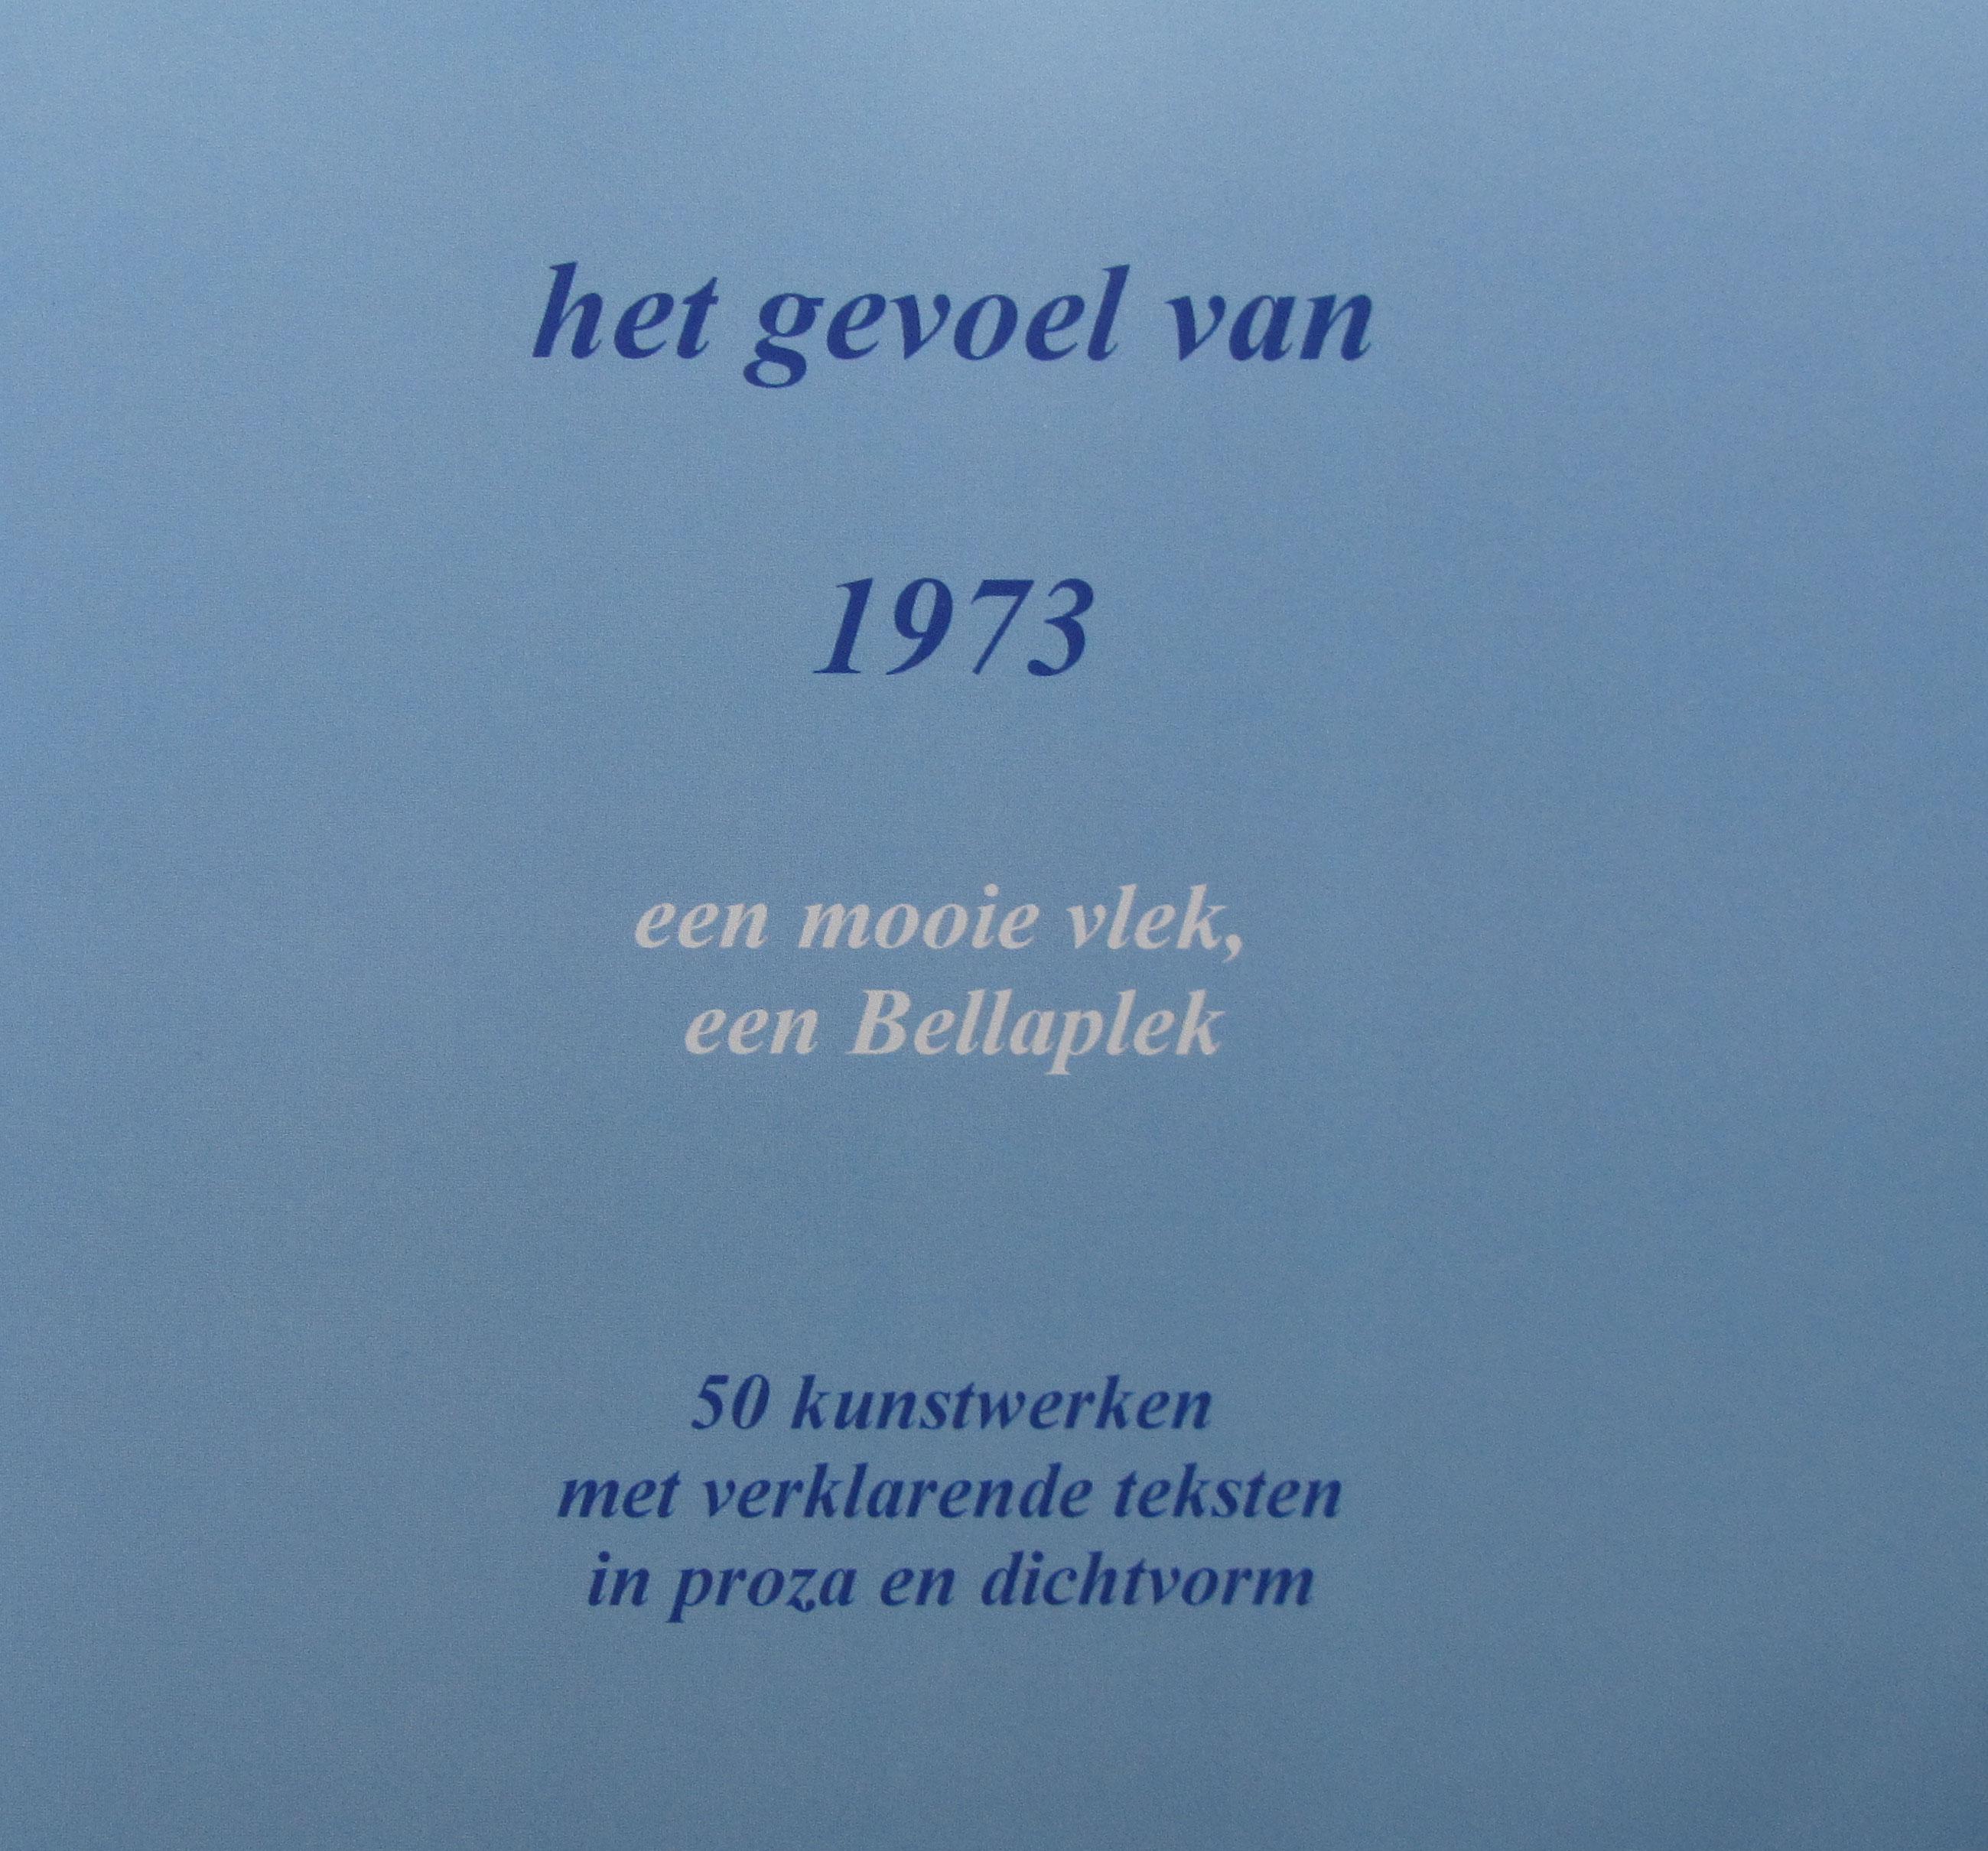 Het gevoel van 1973